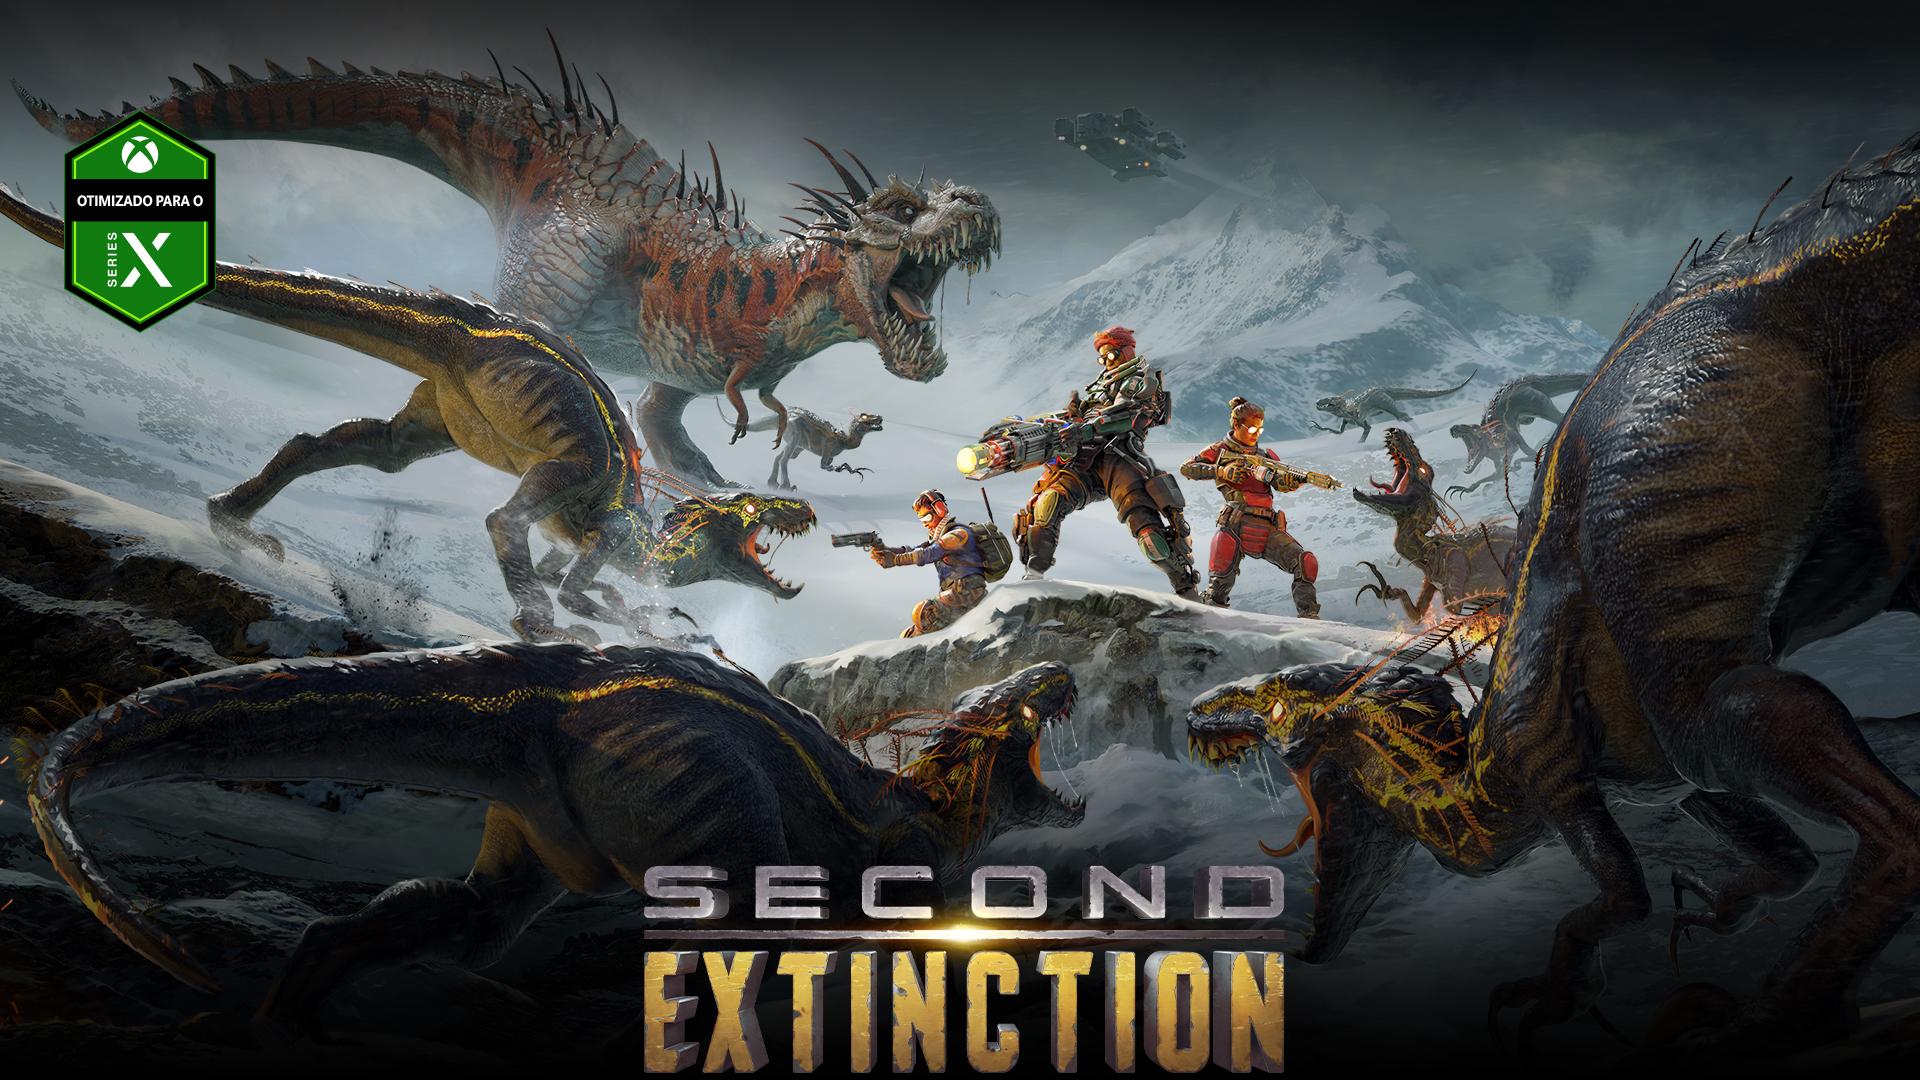 Second Extinction, Otimizado para Series X, um grupo de personagens entra em conflito com um grupo de dinossauros.